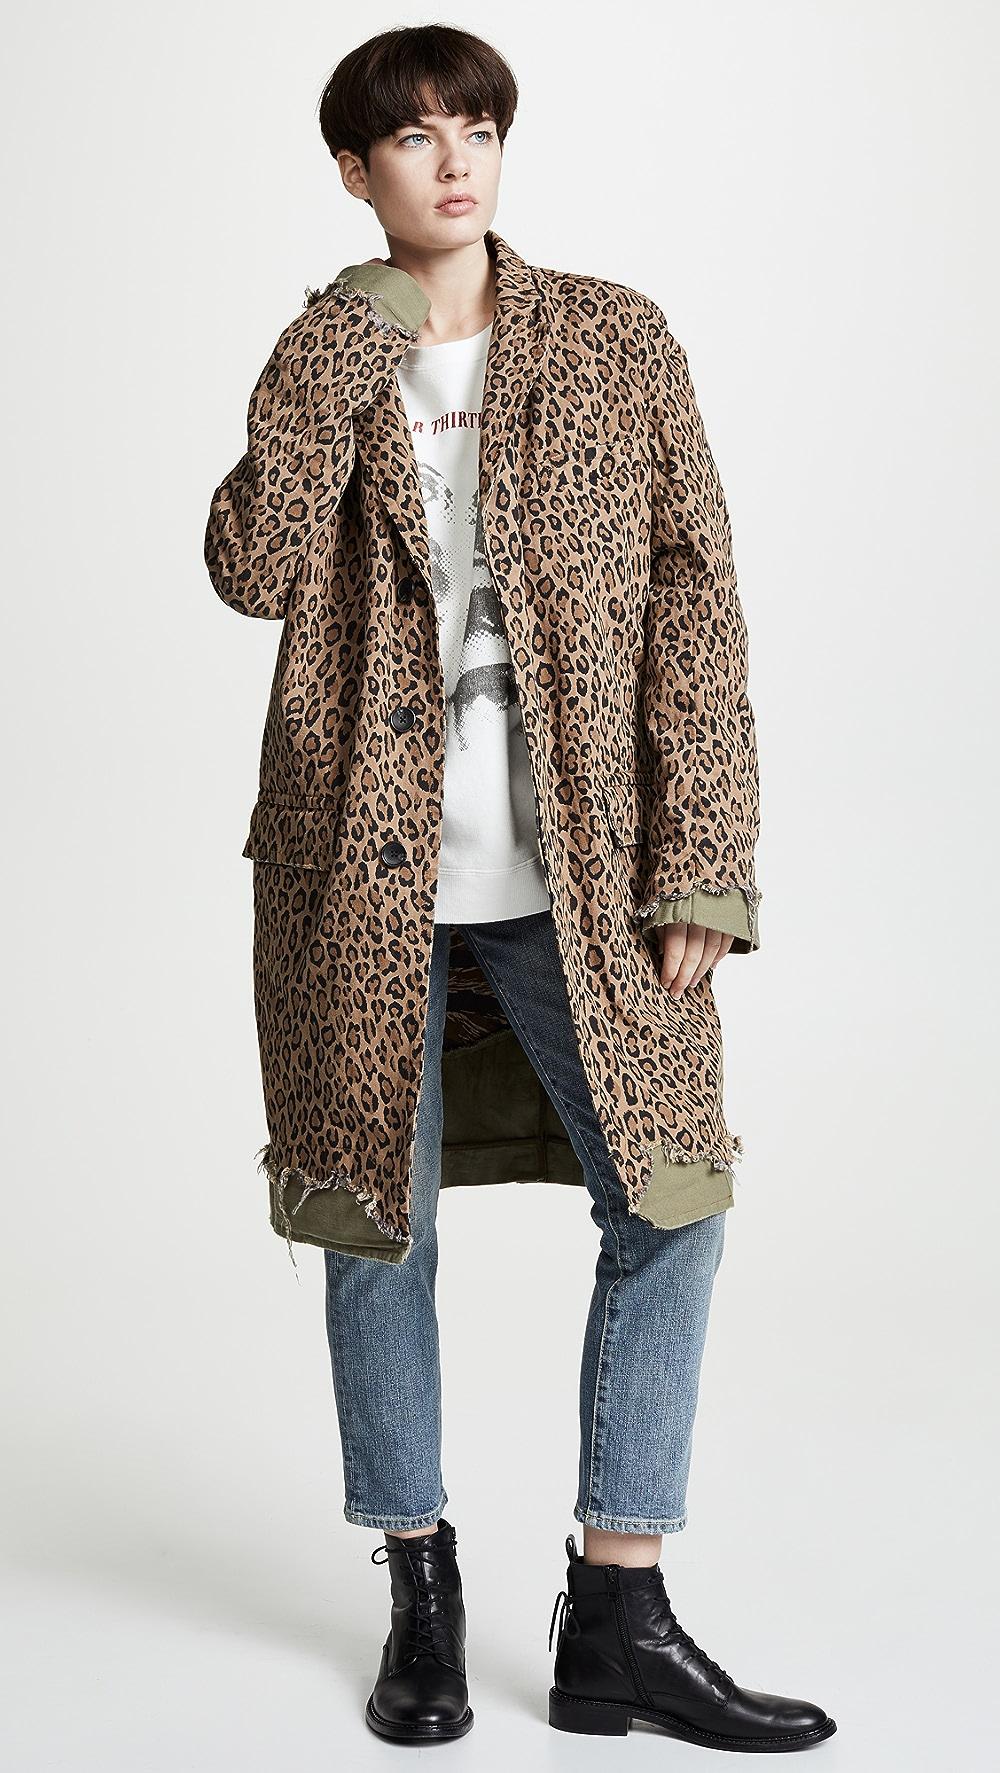 100% Quality R13 - Shredded Coat Year-End Bargain Sale